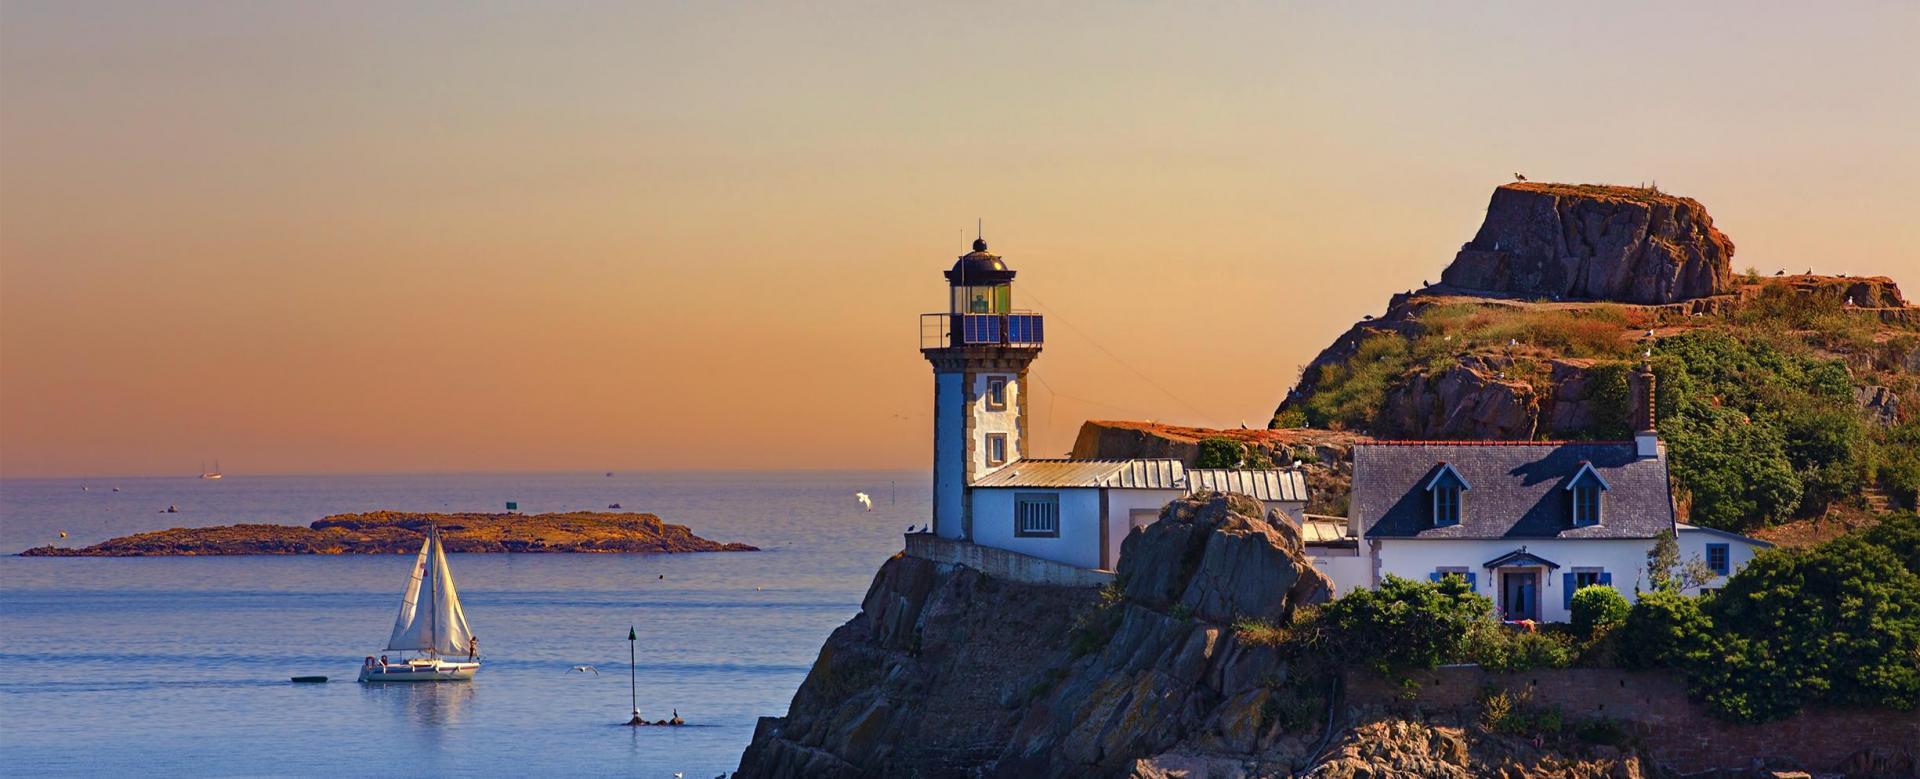 Voyage à thème France : Rando-forme àroscoff et sur l'île de batz